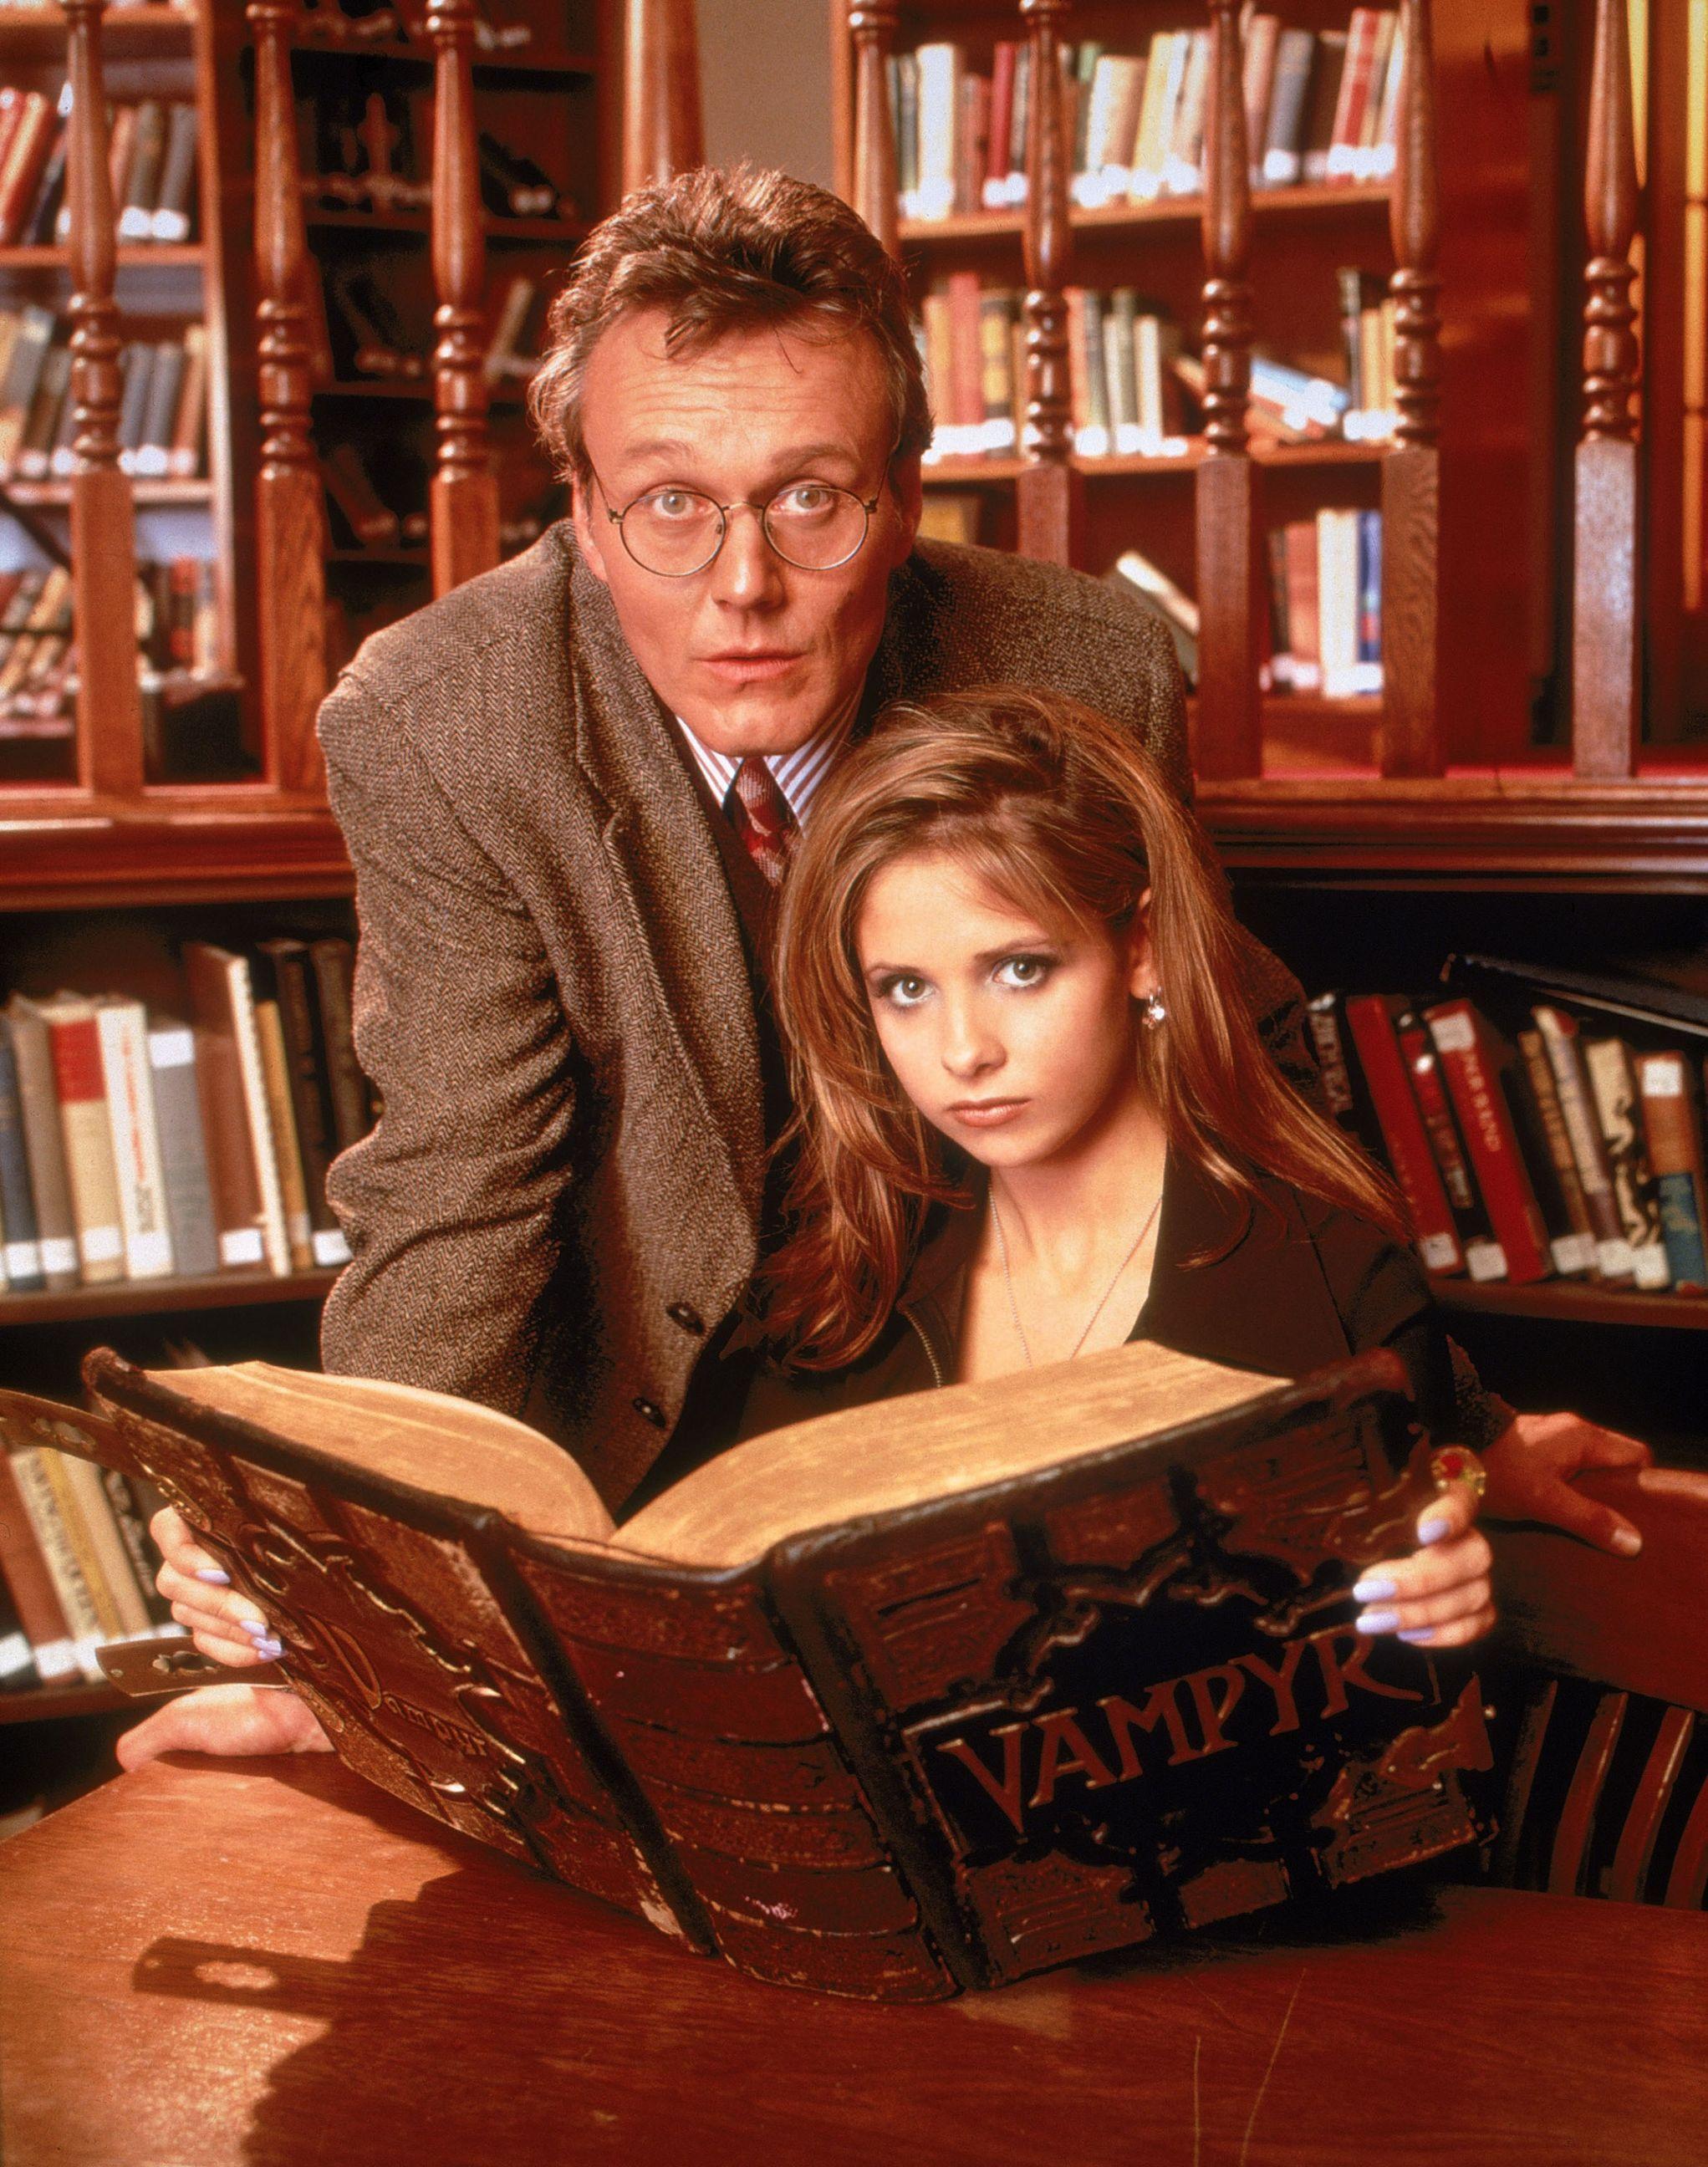 Buffy est une lycéenne chasseuse de vampire, dans la série à son nom, jouant sur le folklore mystique et ses archétypes.